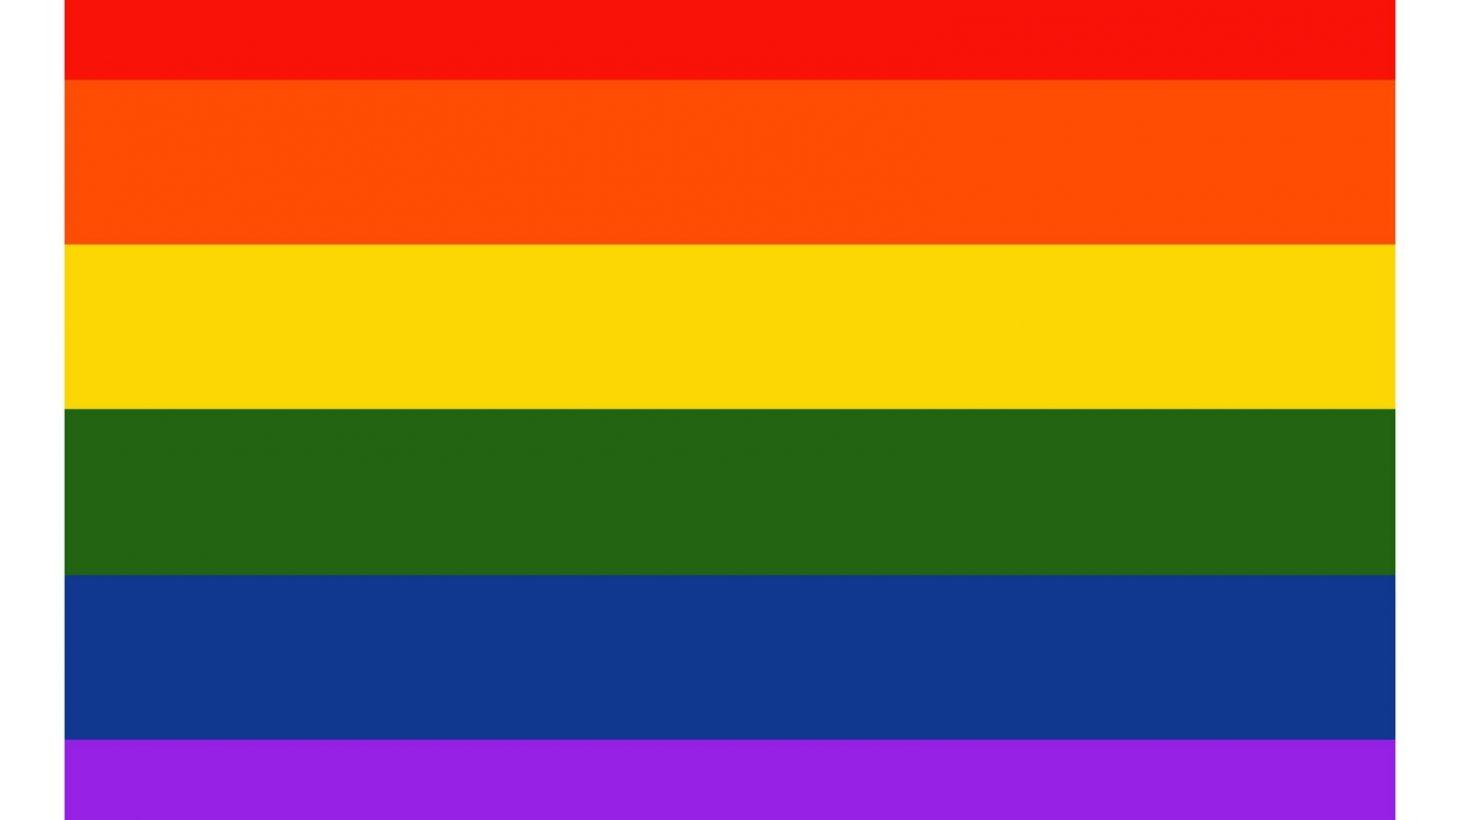 Prideflagga.